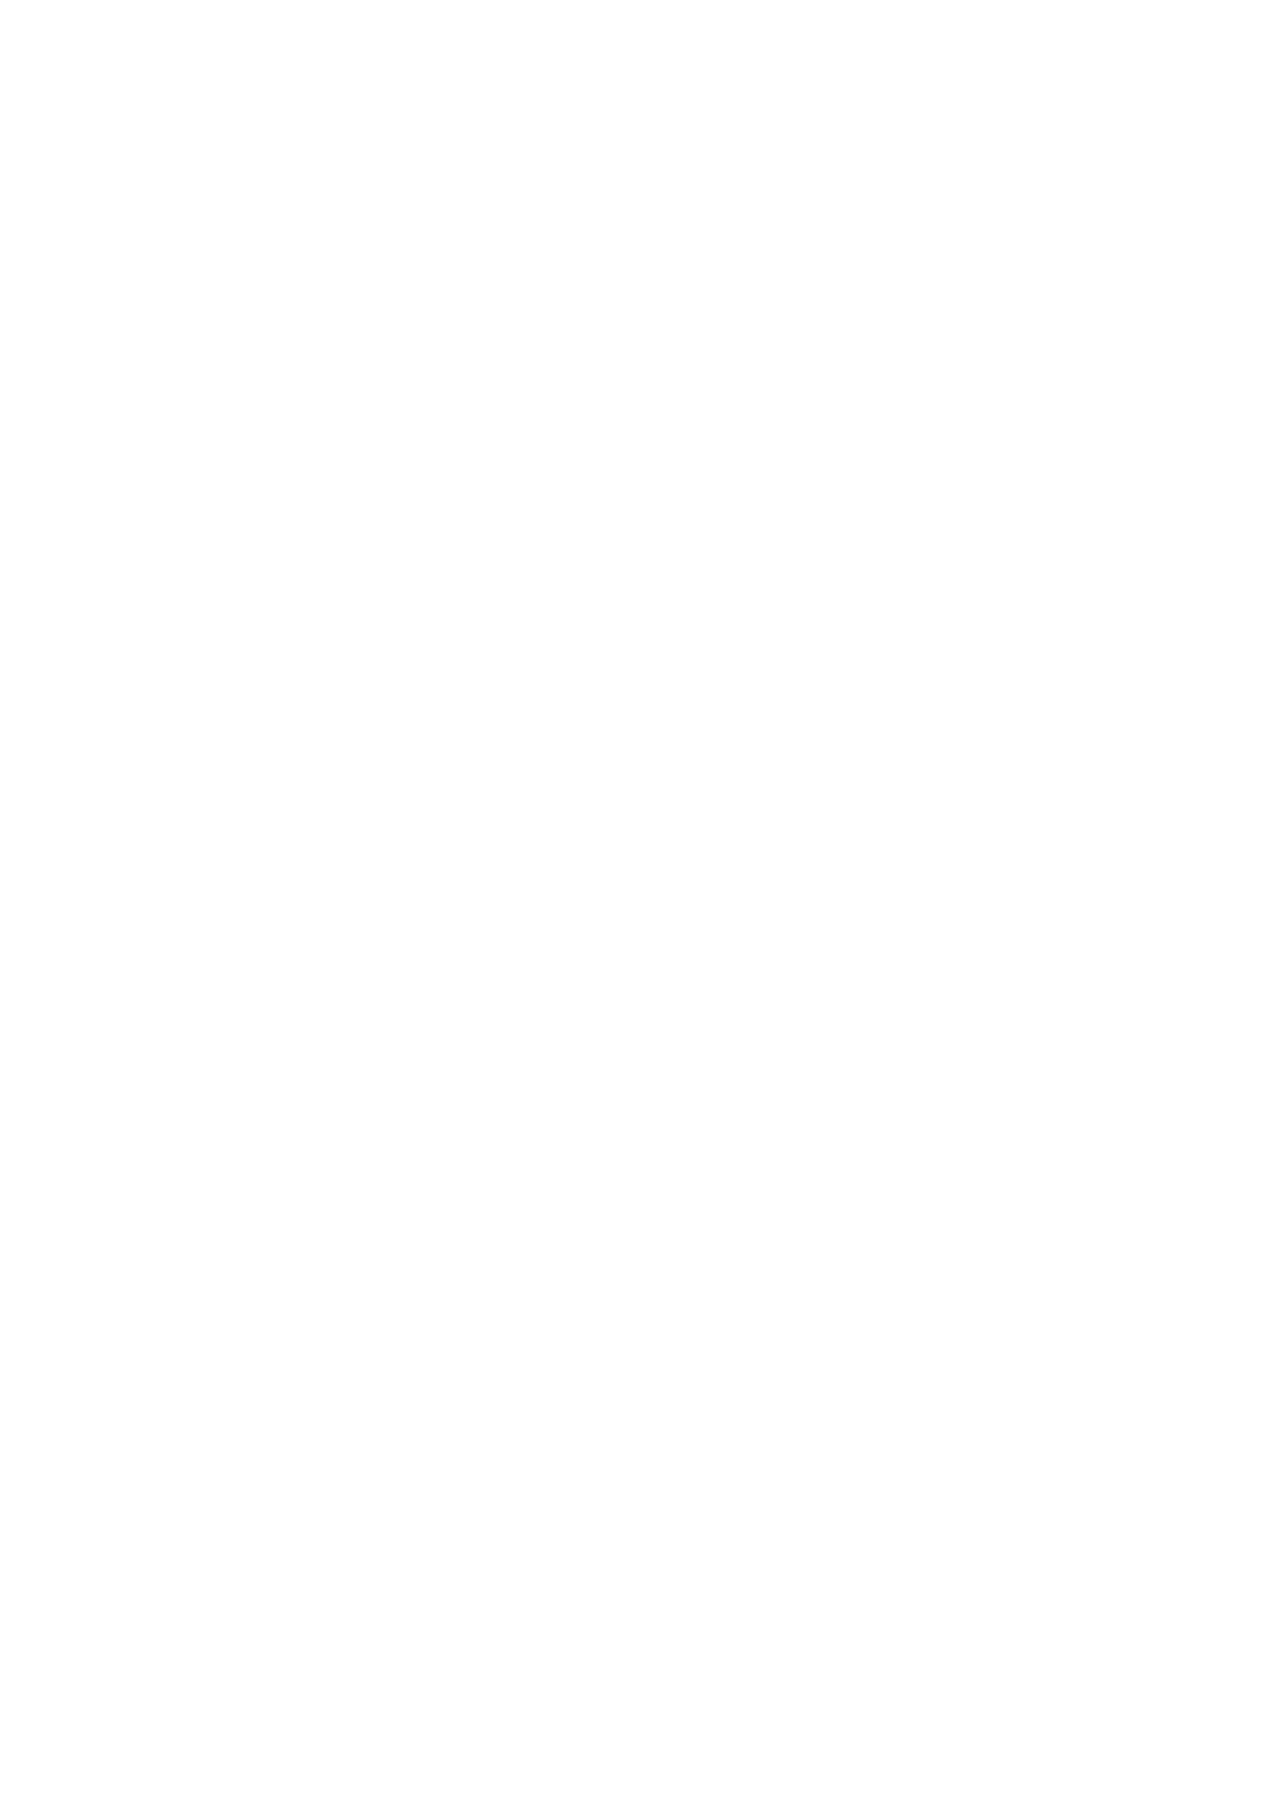 ア○スギア総合スカトロアンソロジー アクトレス排泄実態調査任務~スカポためるっすか!?~ 1